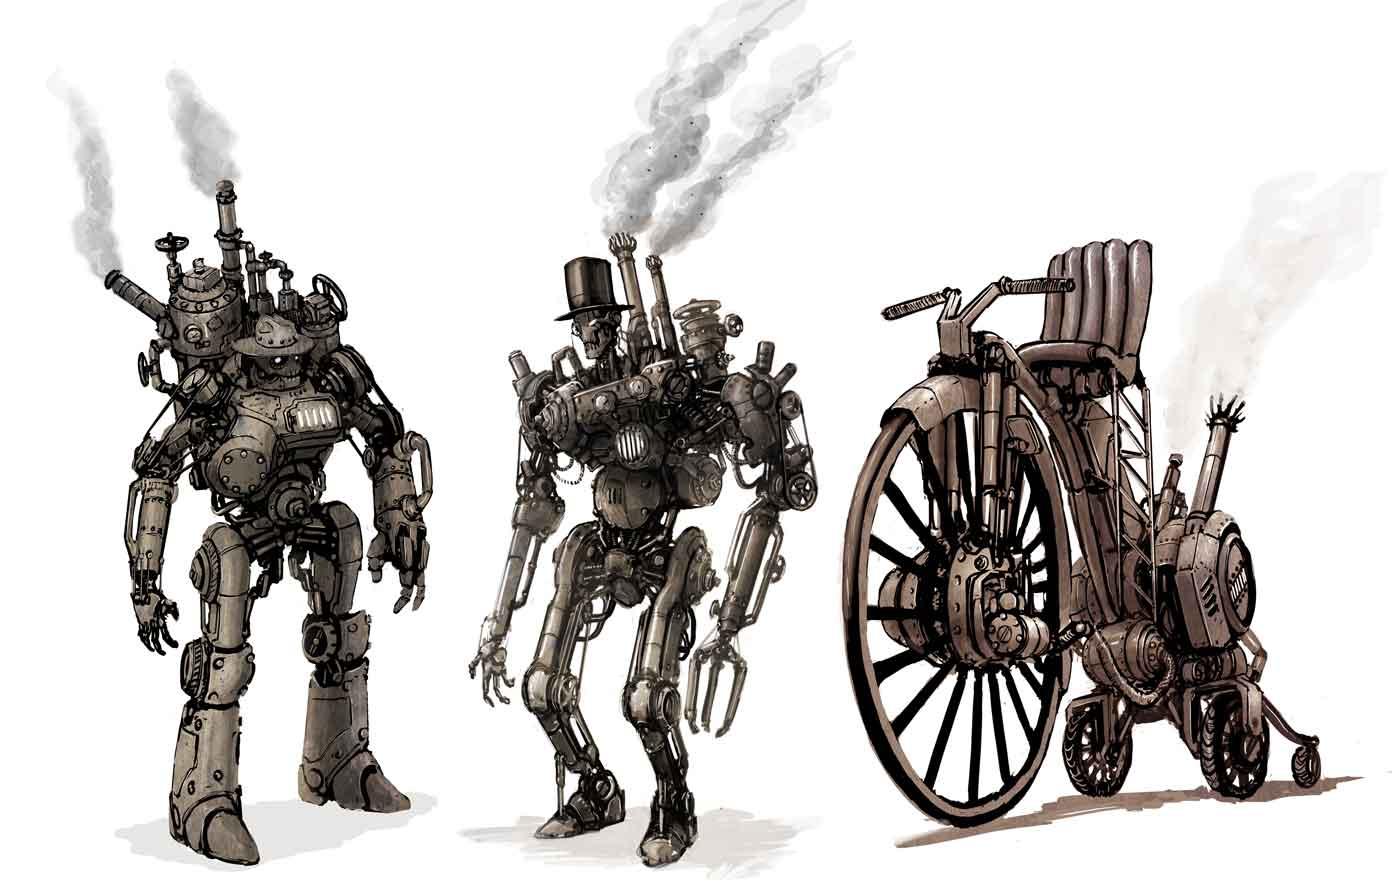 Dibujo-Steampunk2